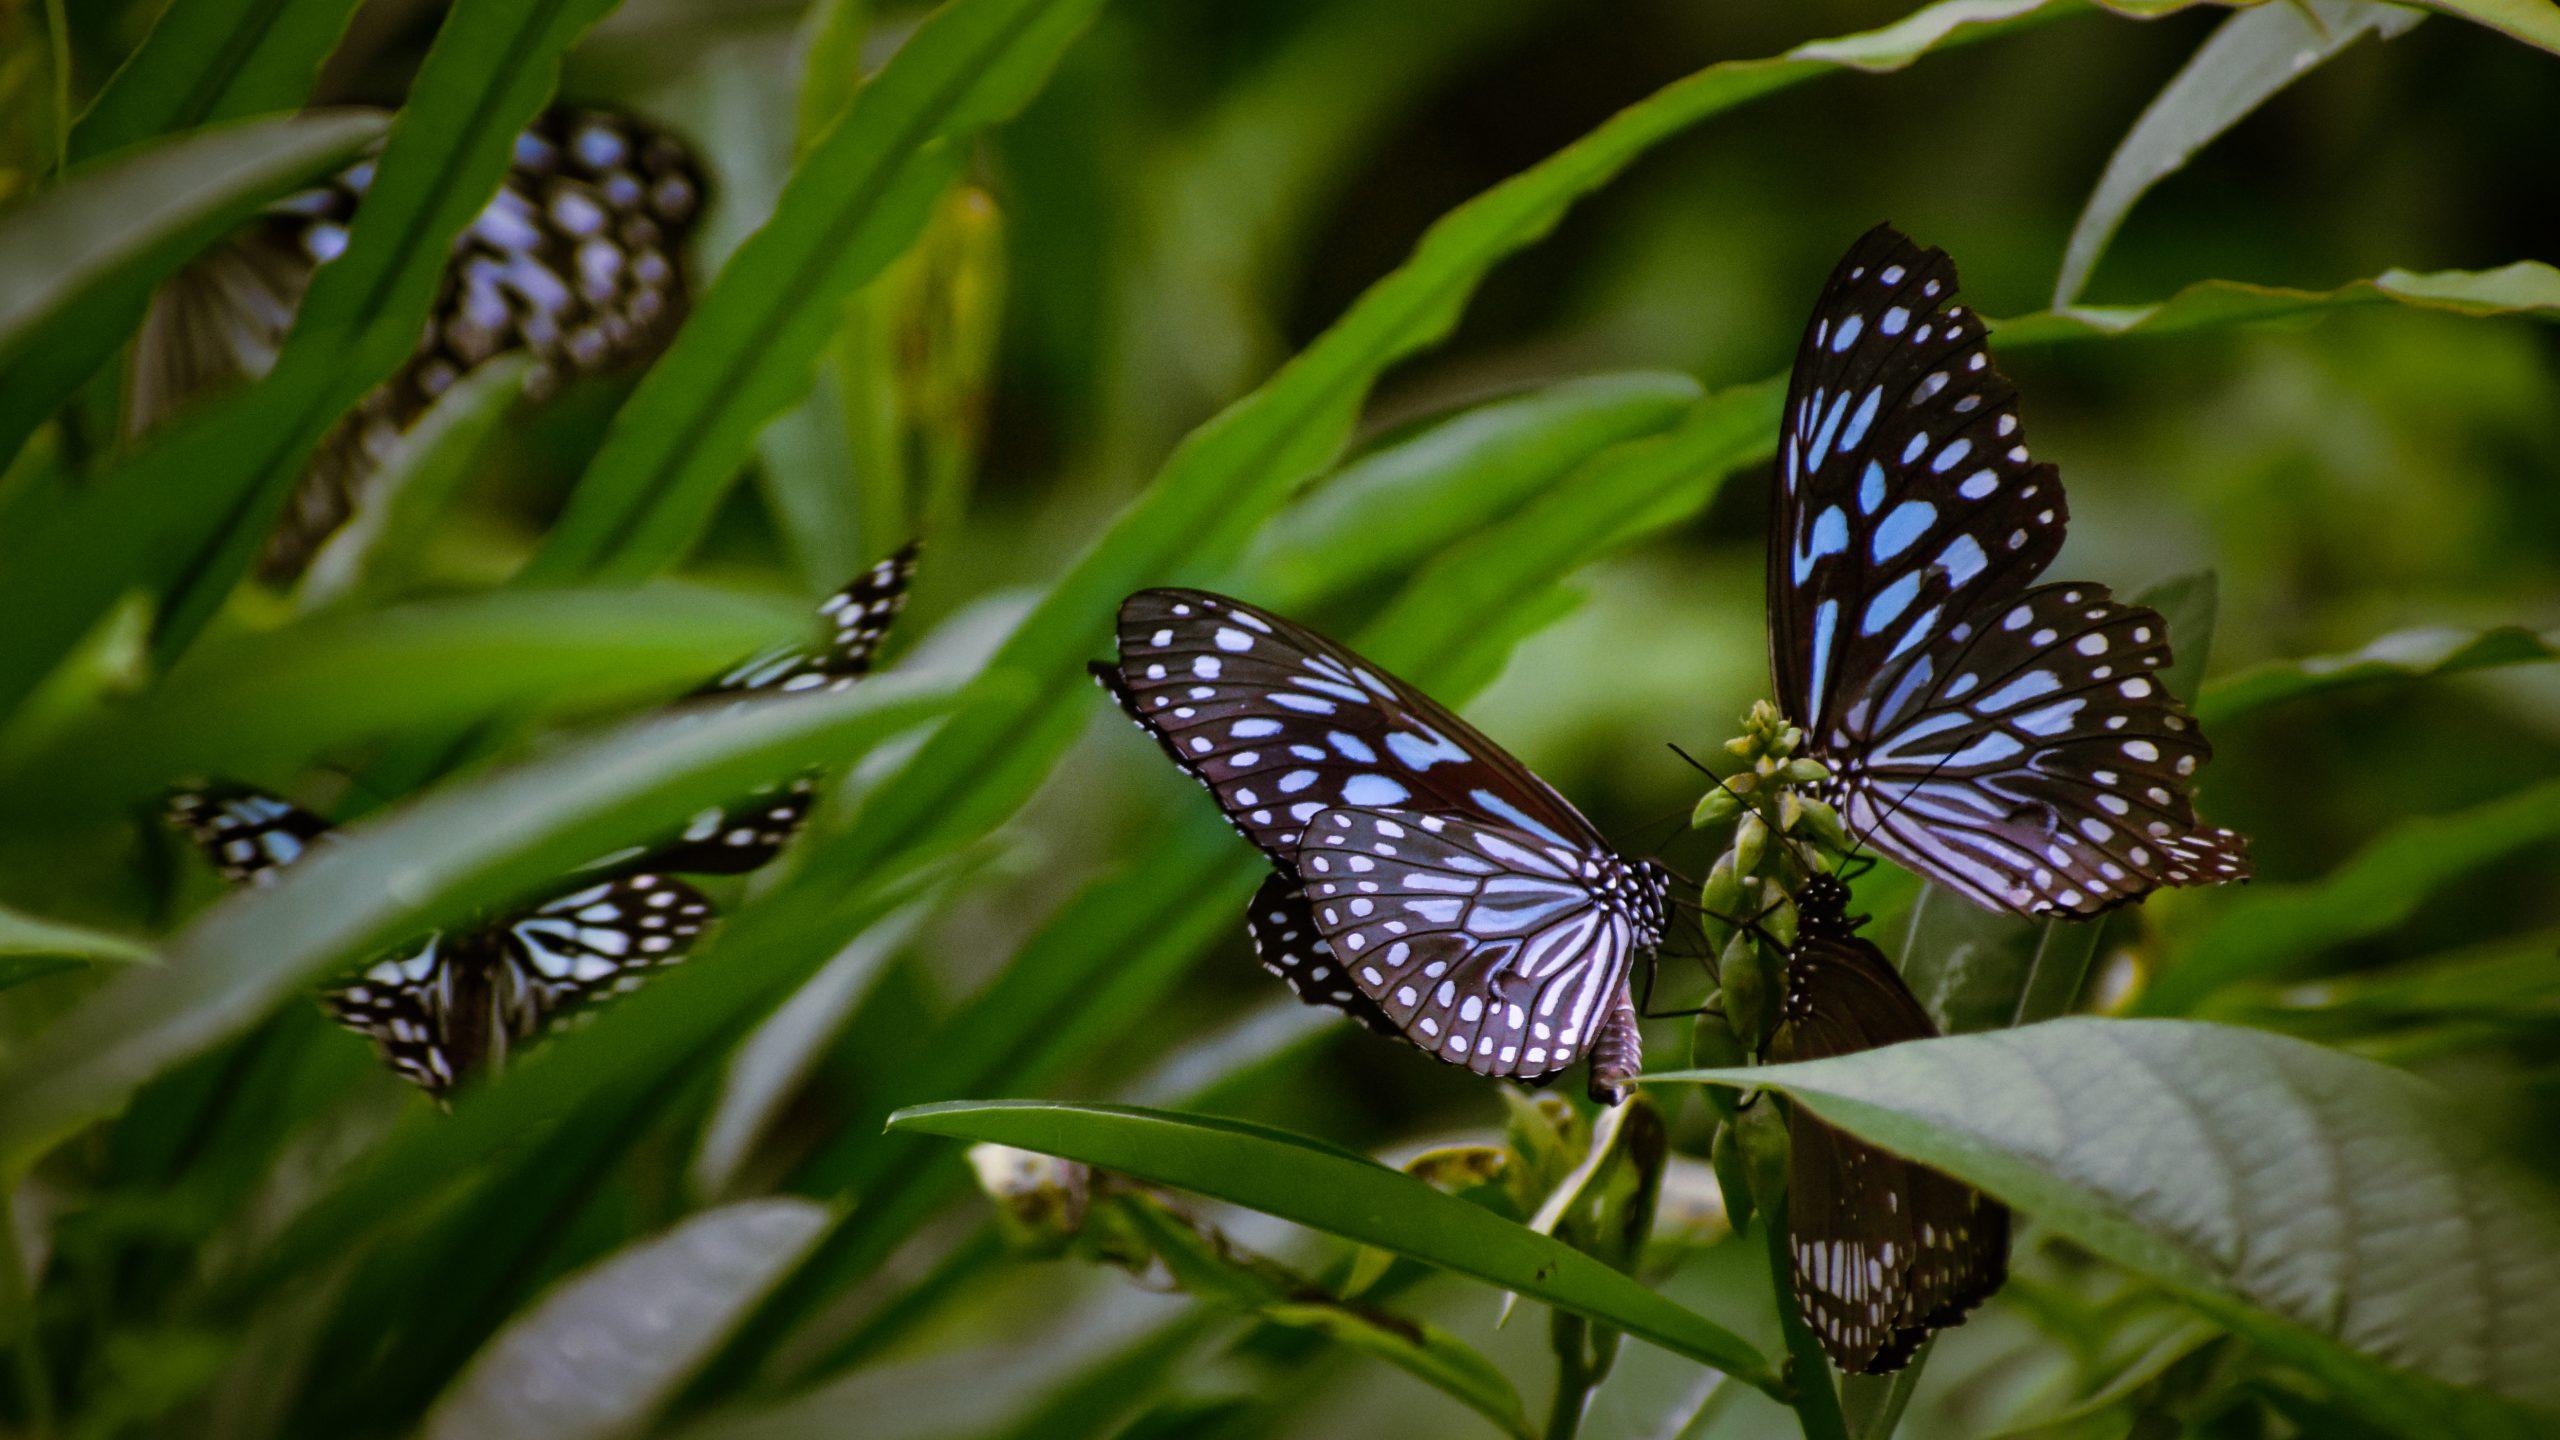 butterflies on leaf